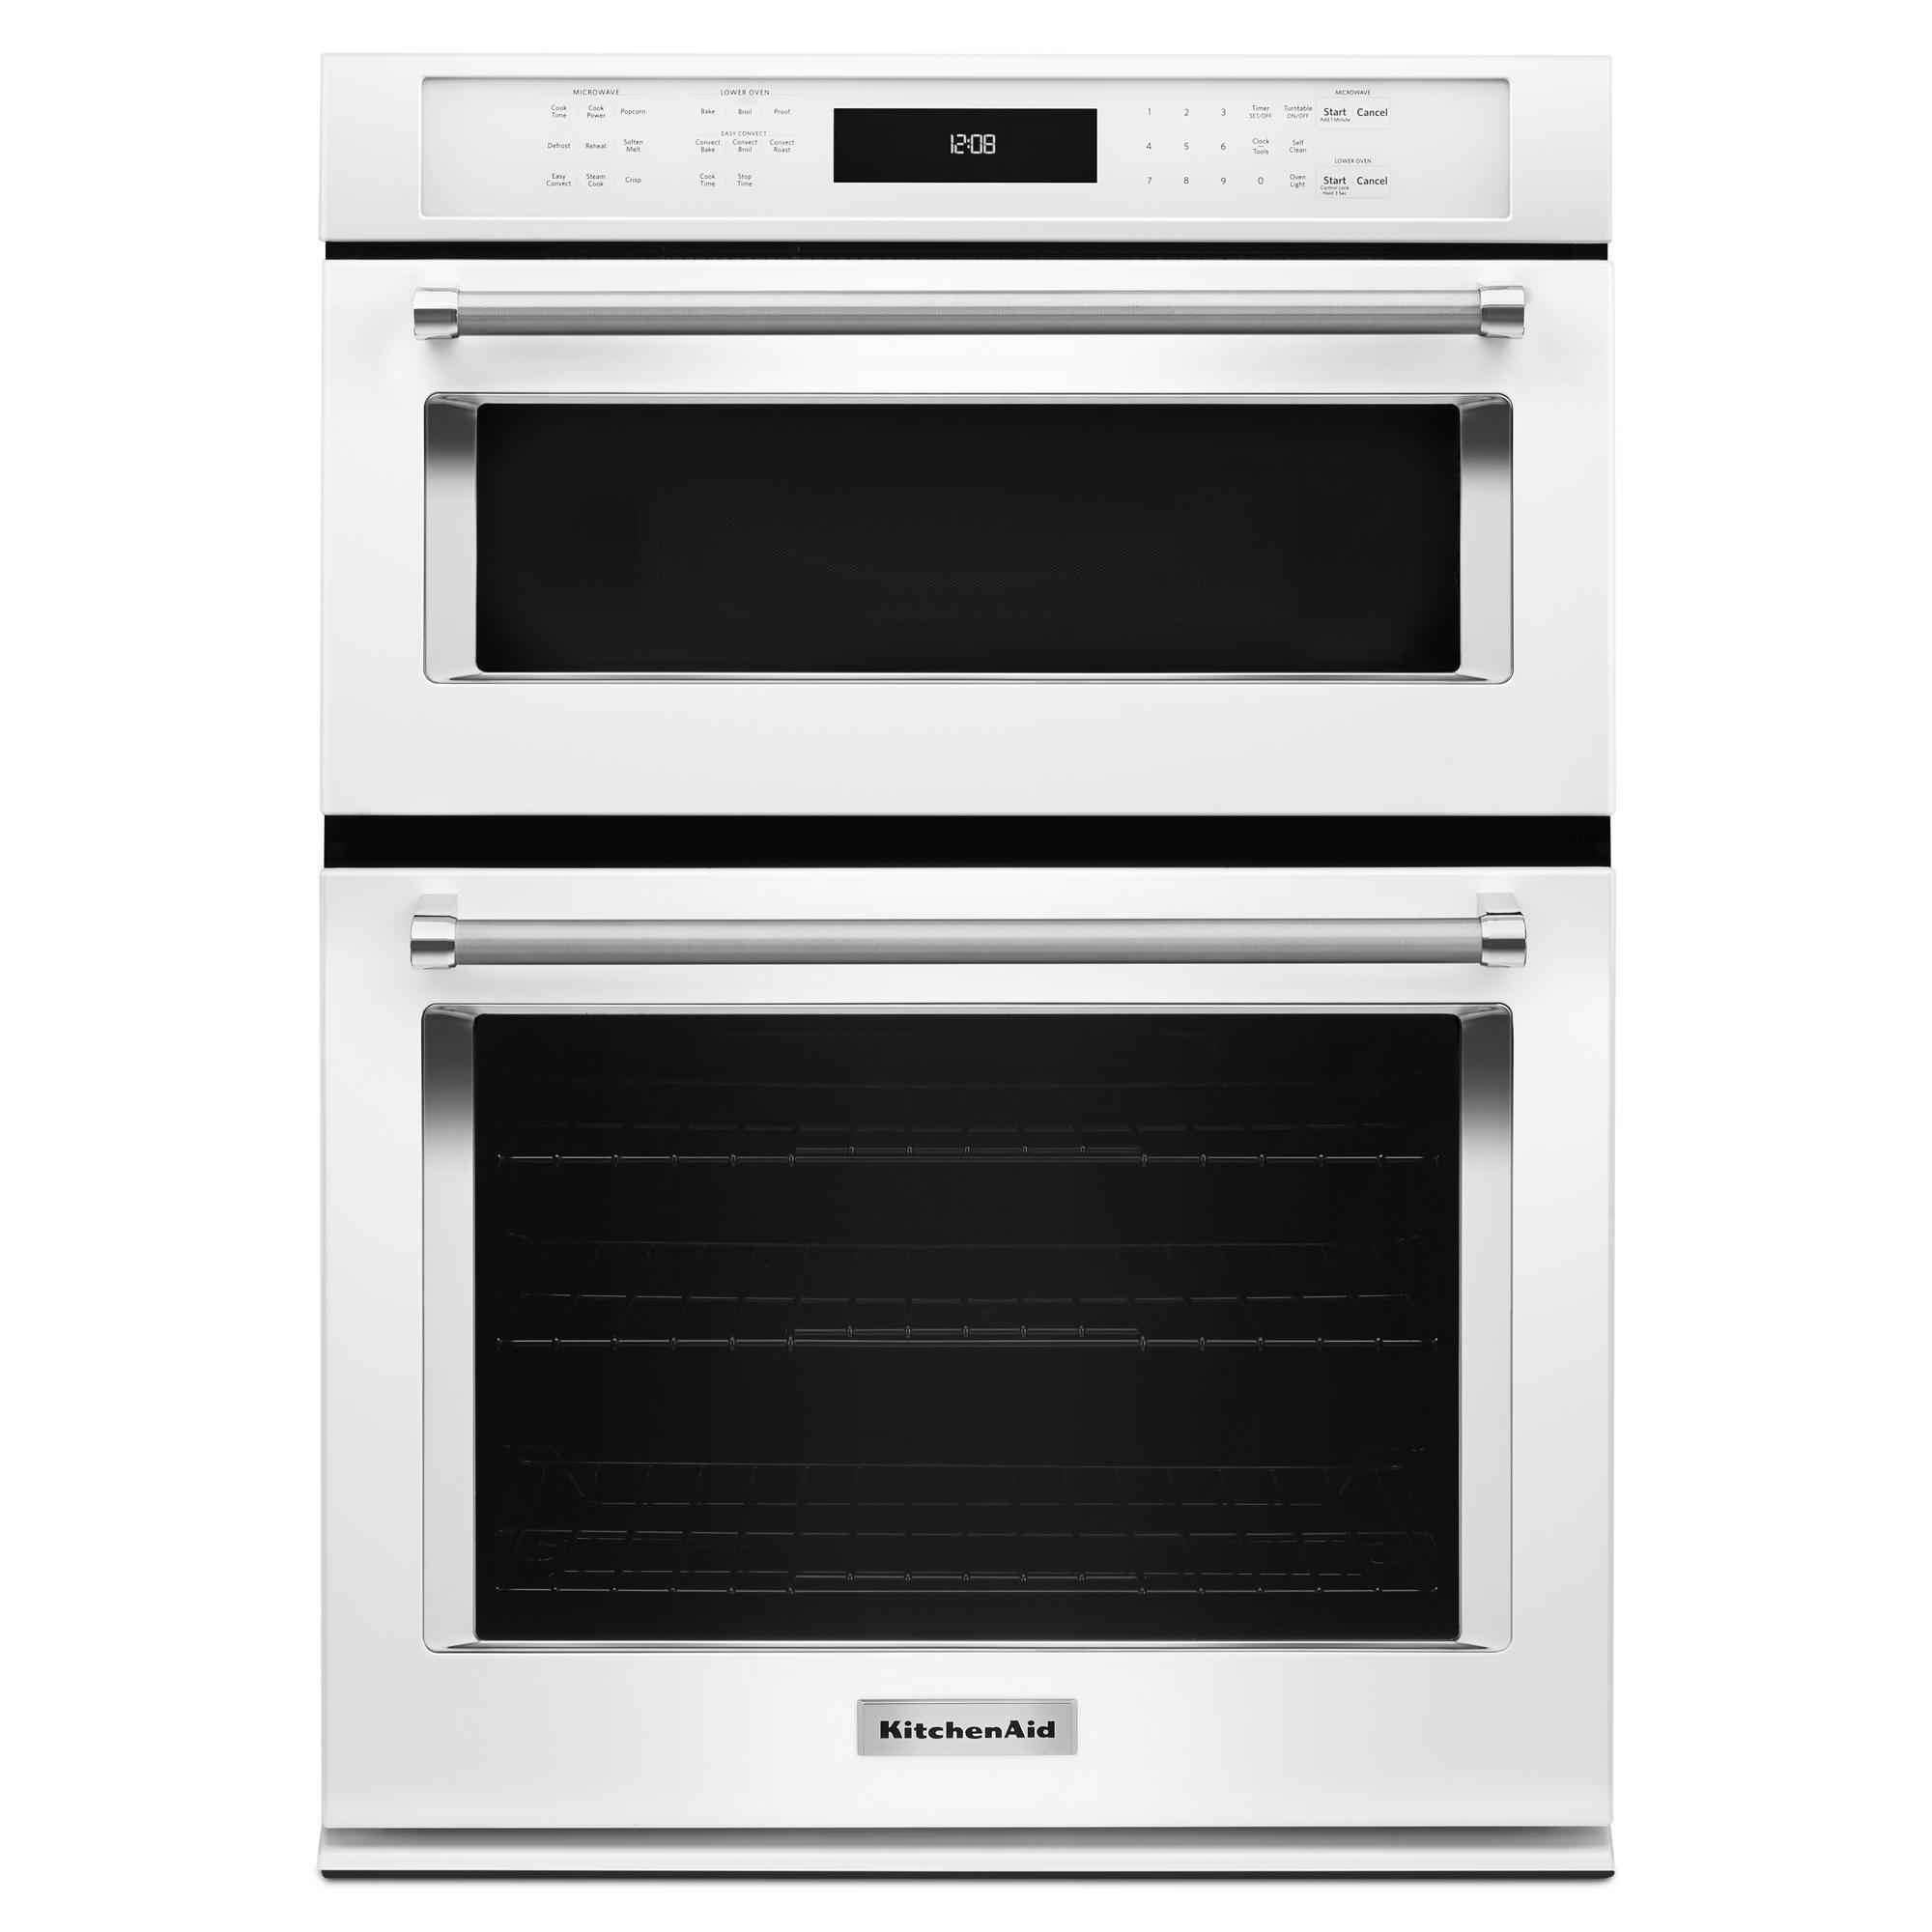 Koce500ebs Kitchenaid Koce500ebs Double Wall Ovens